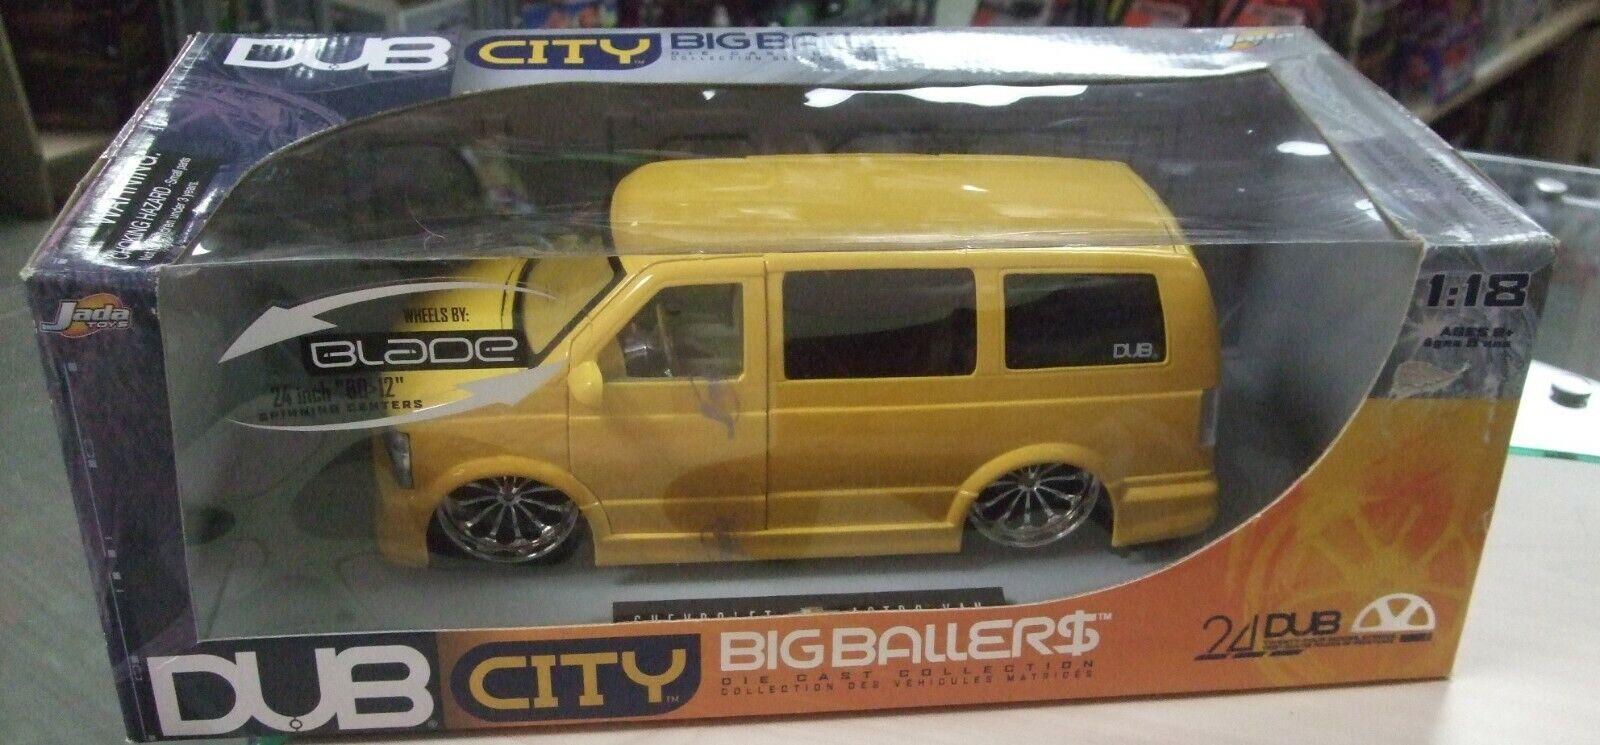 Chevrolet Astro Van gul skala 1 18 Big bollers Dub City av Jada -leksaker